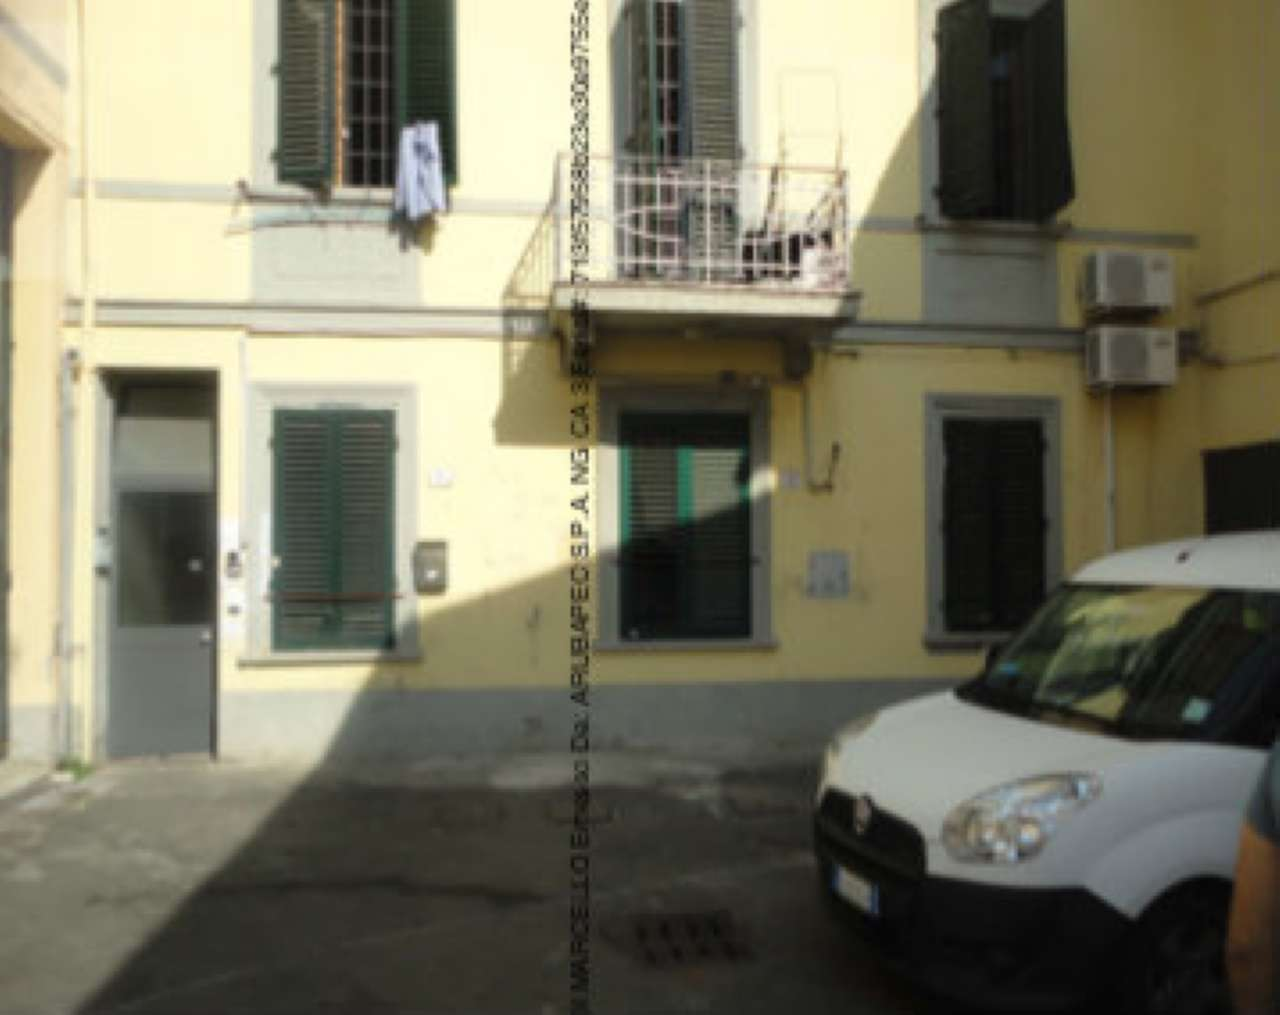 Foto 1 di Appartamento via G. chiti 8, Prato (zona San Paolo, Filzi, Pistoiese)